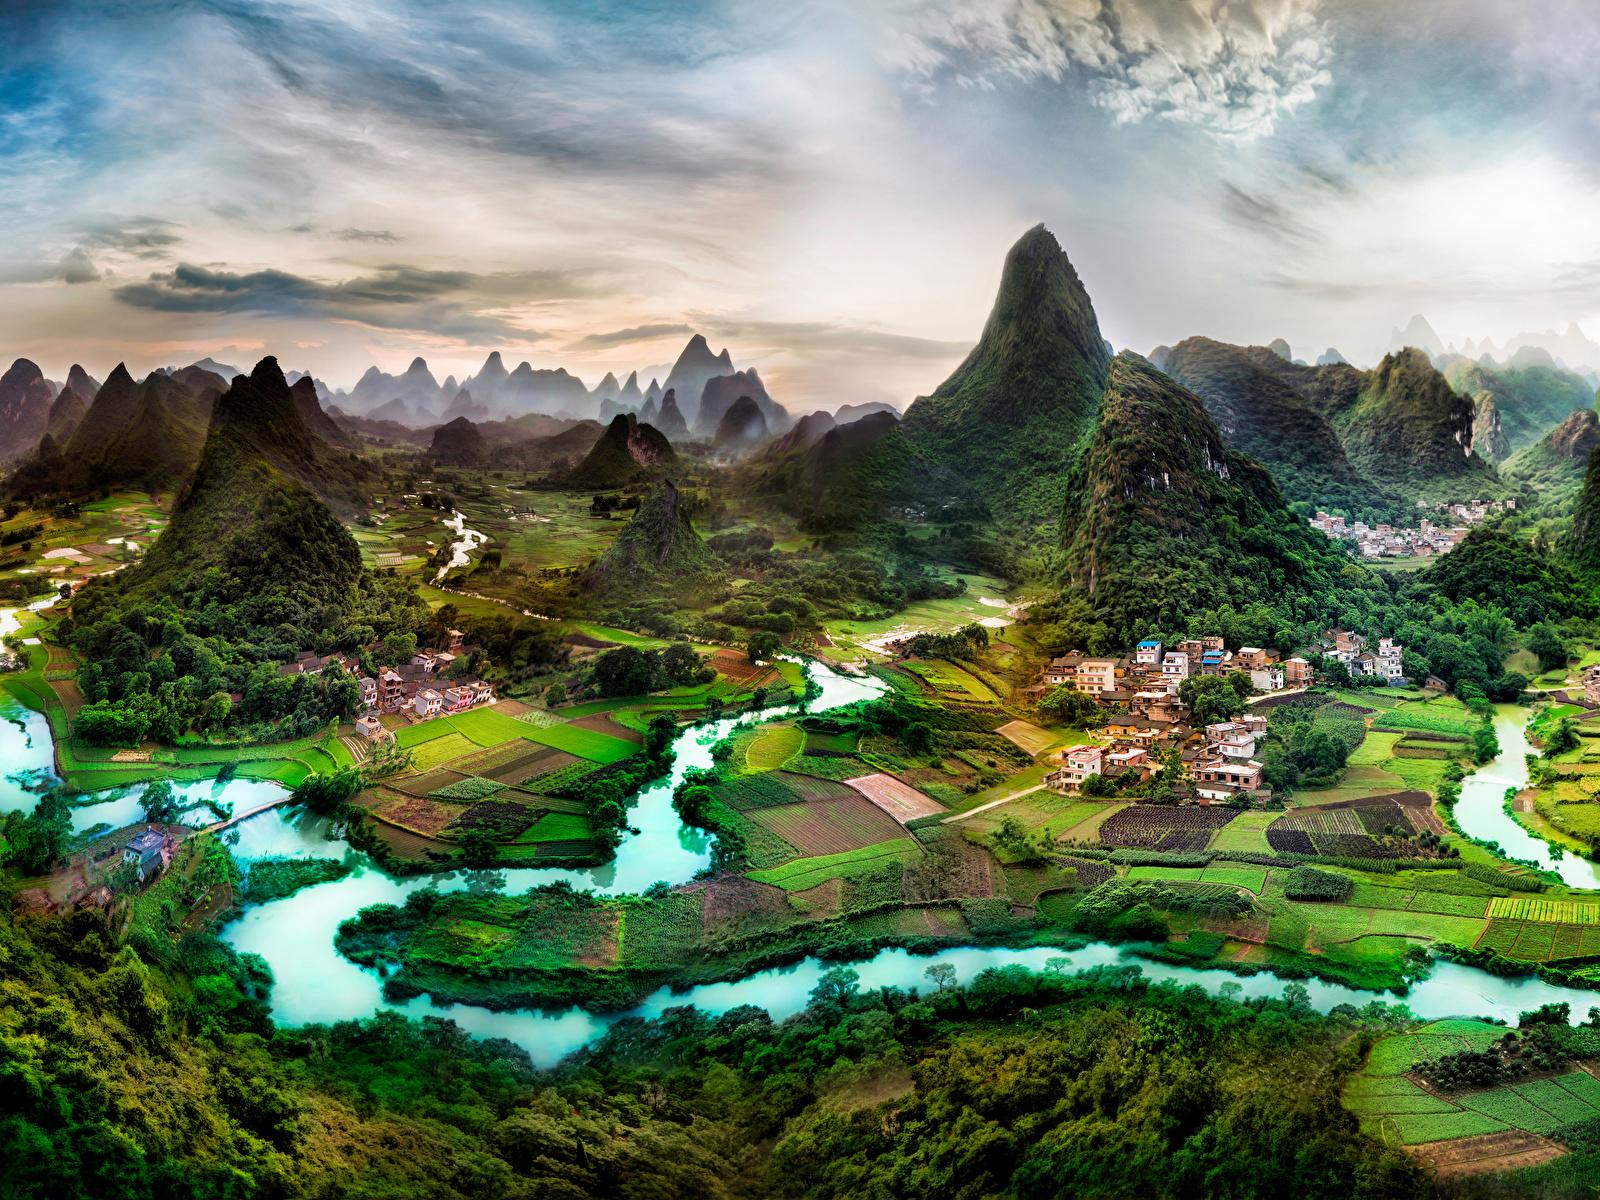 Fotos von China Guangxi Province Natur Felsen Acker Flusse Gebäude 1600x1200 Felder Fluss Haus